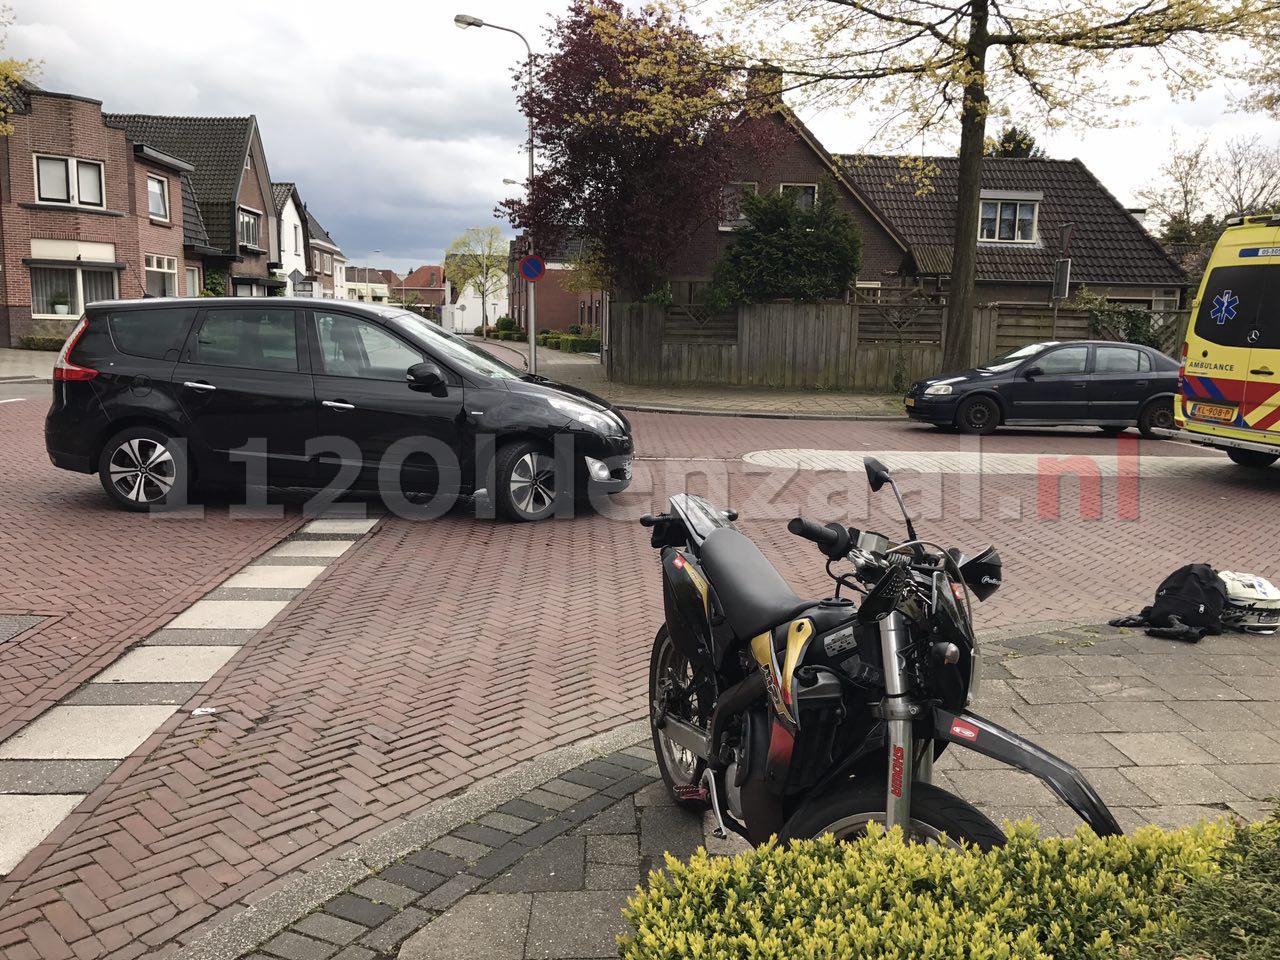 Foto 3: Aanrijding tussen brommer en auto Ootmarsumsestraat Oldenzaal